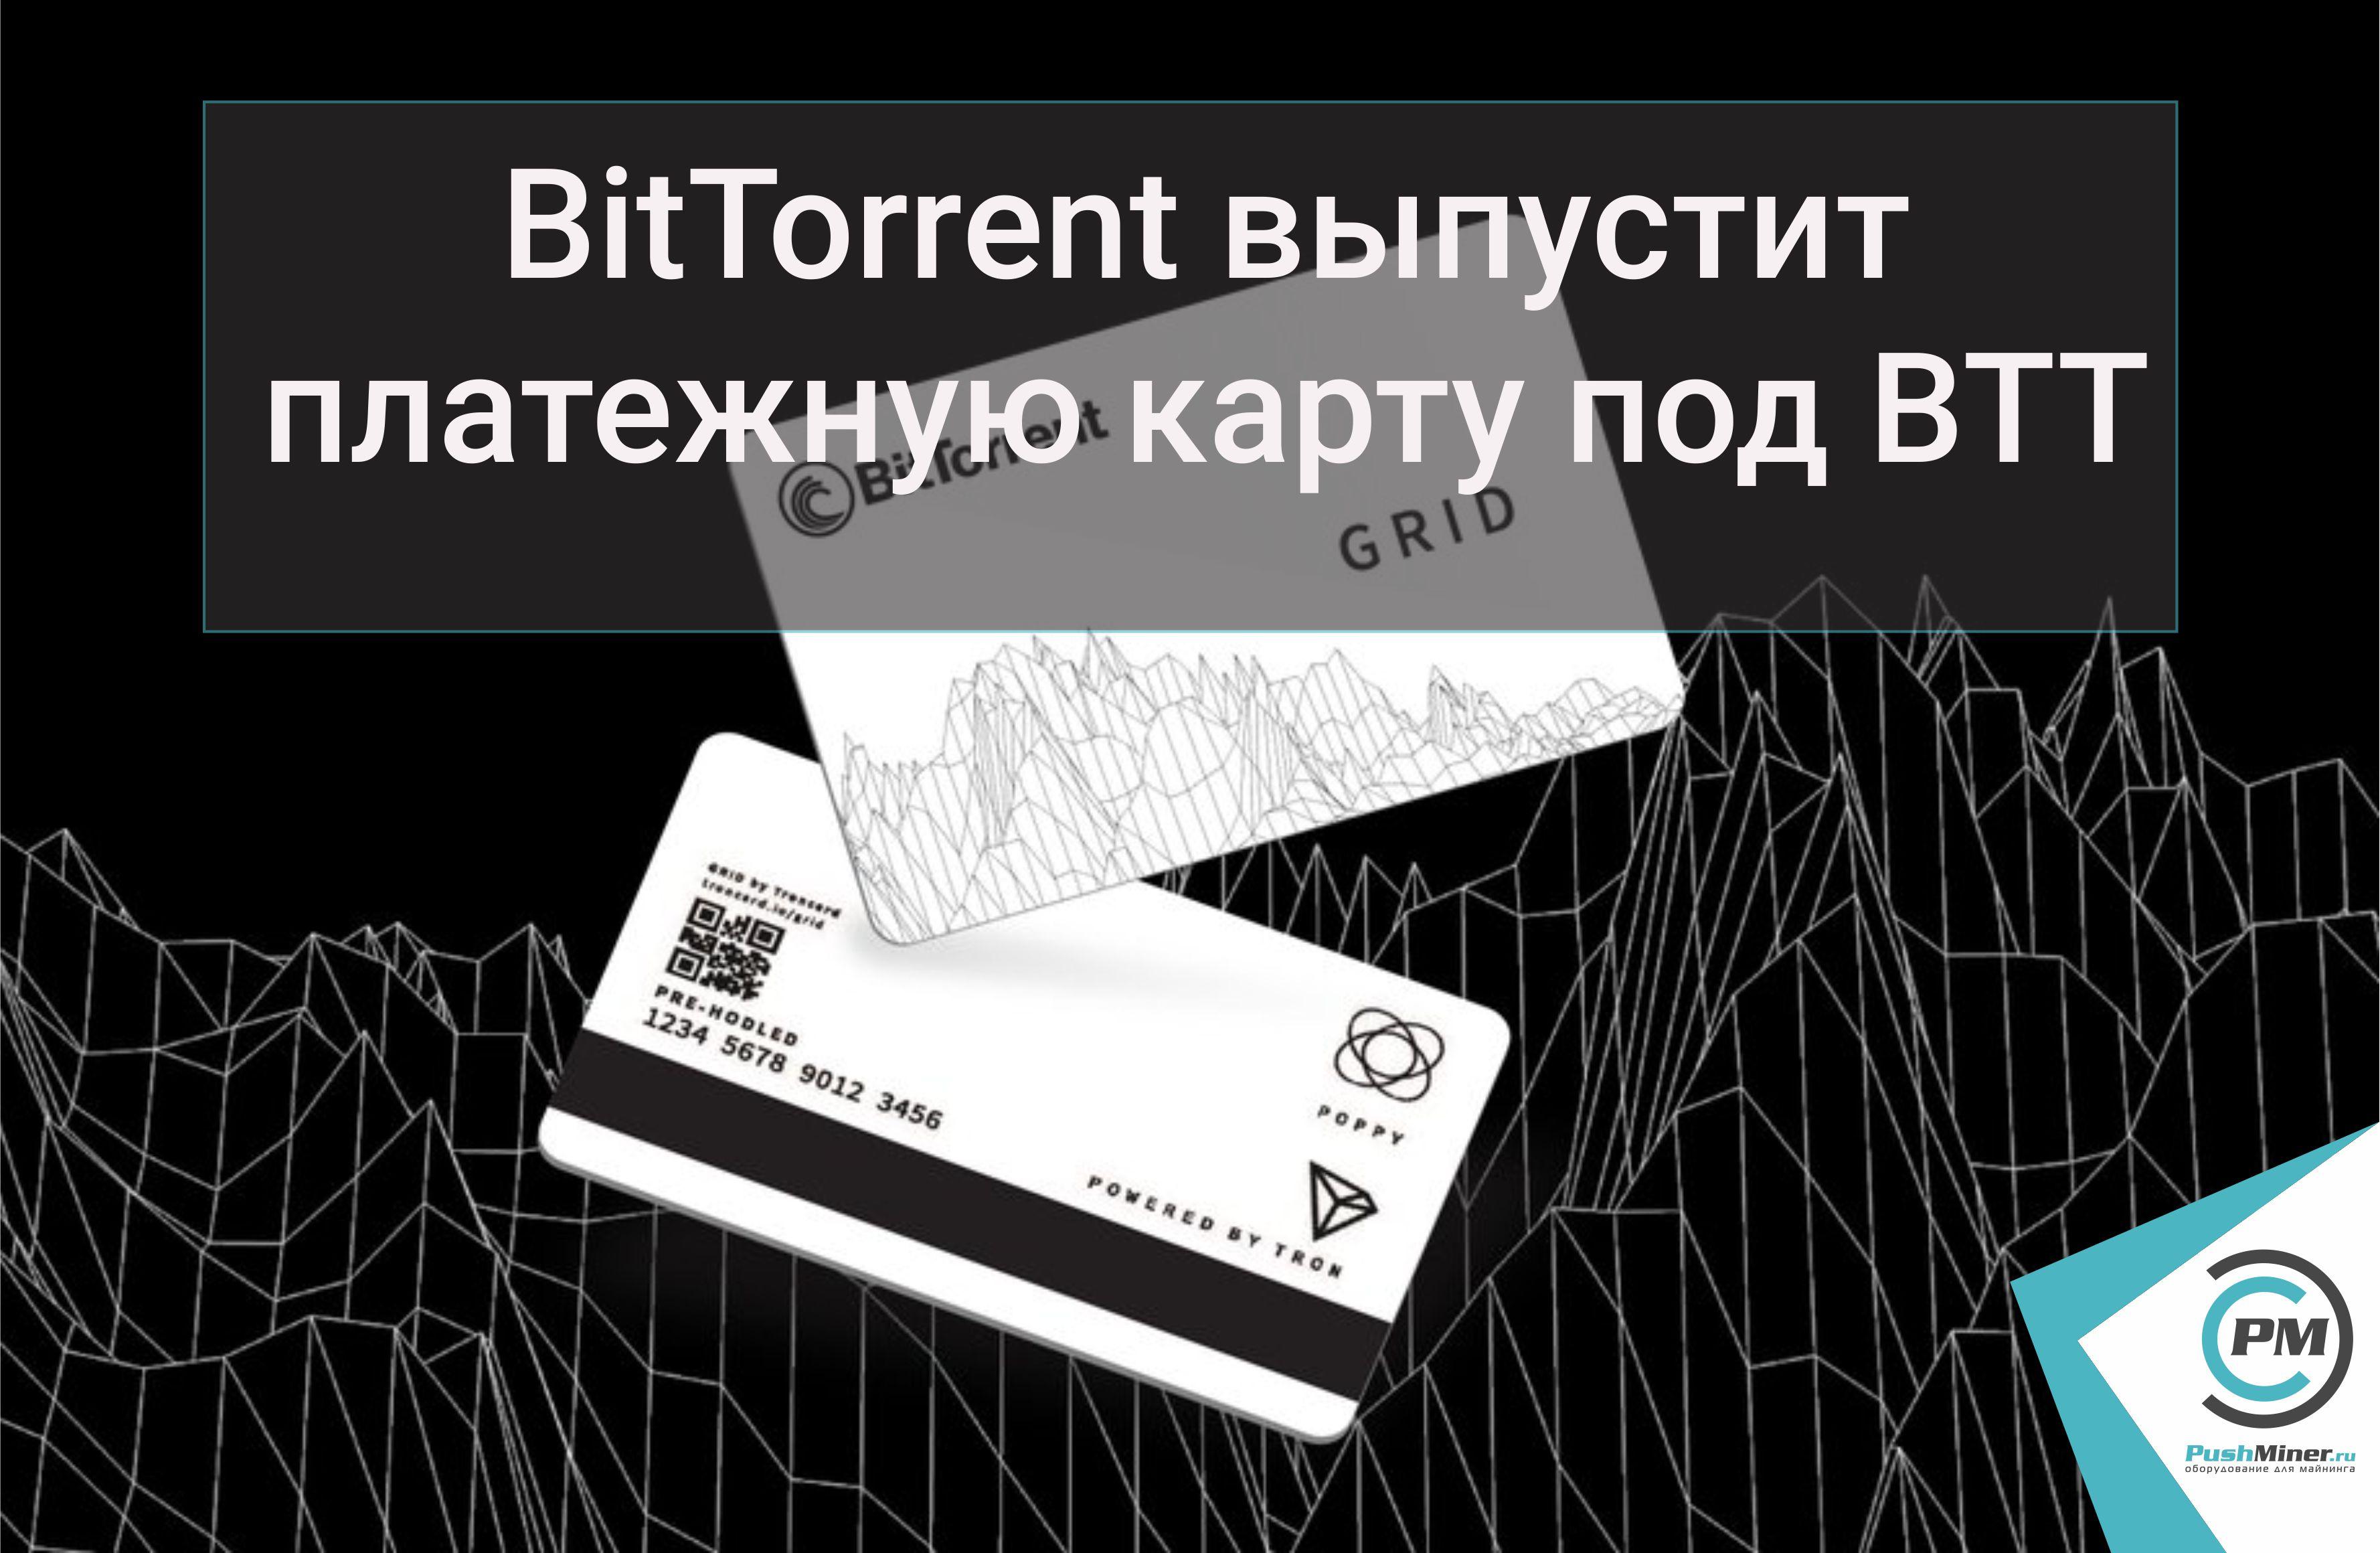 Головокружительный старт BTT (BitTorrent)